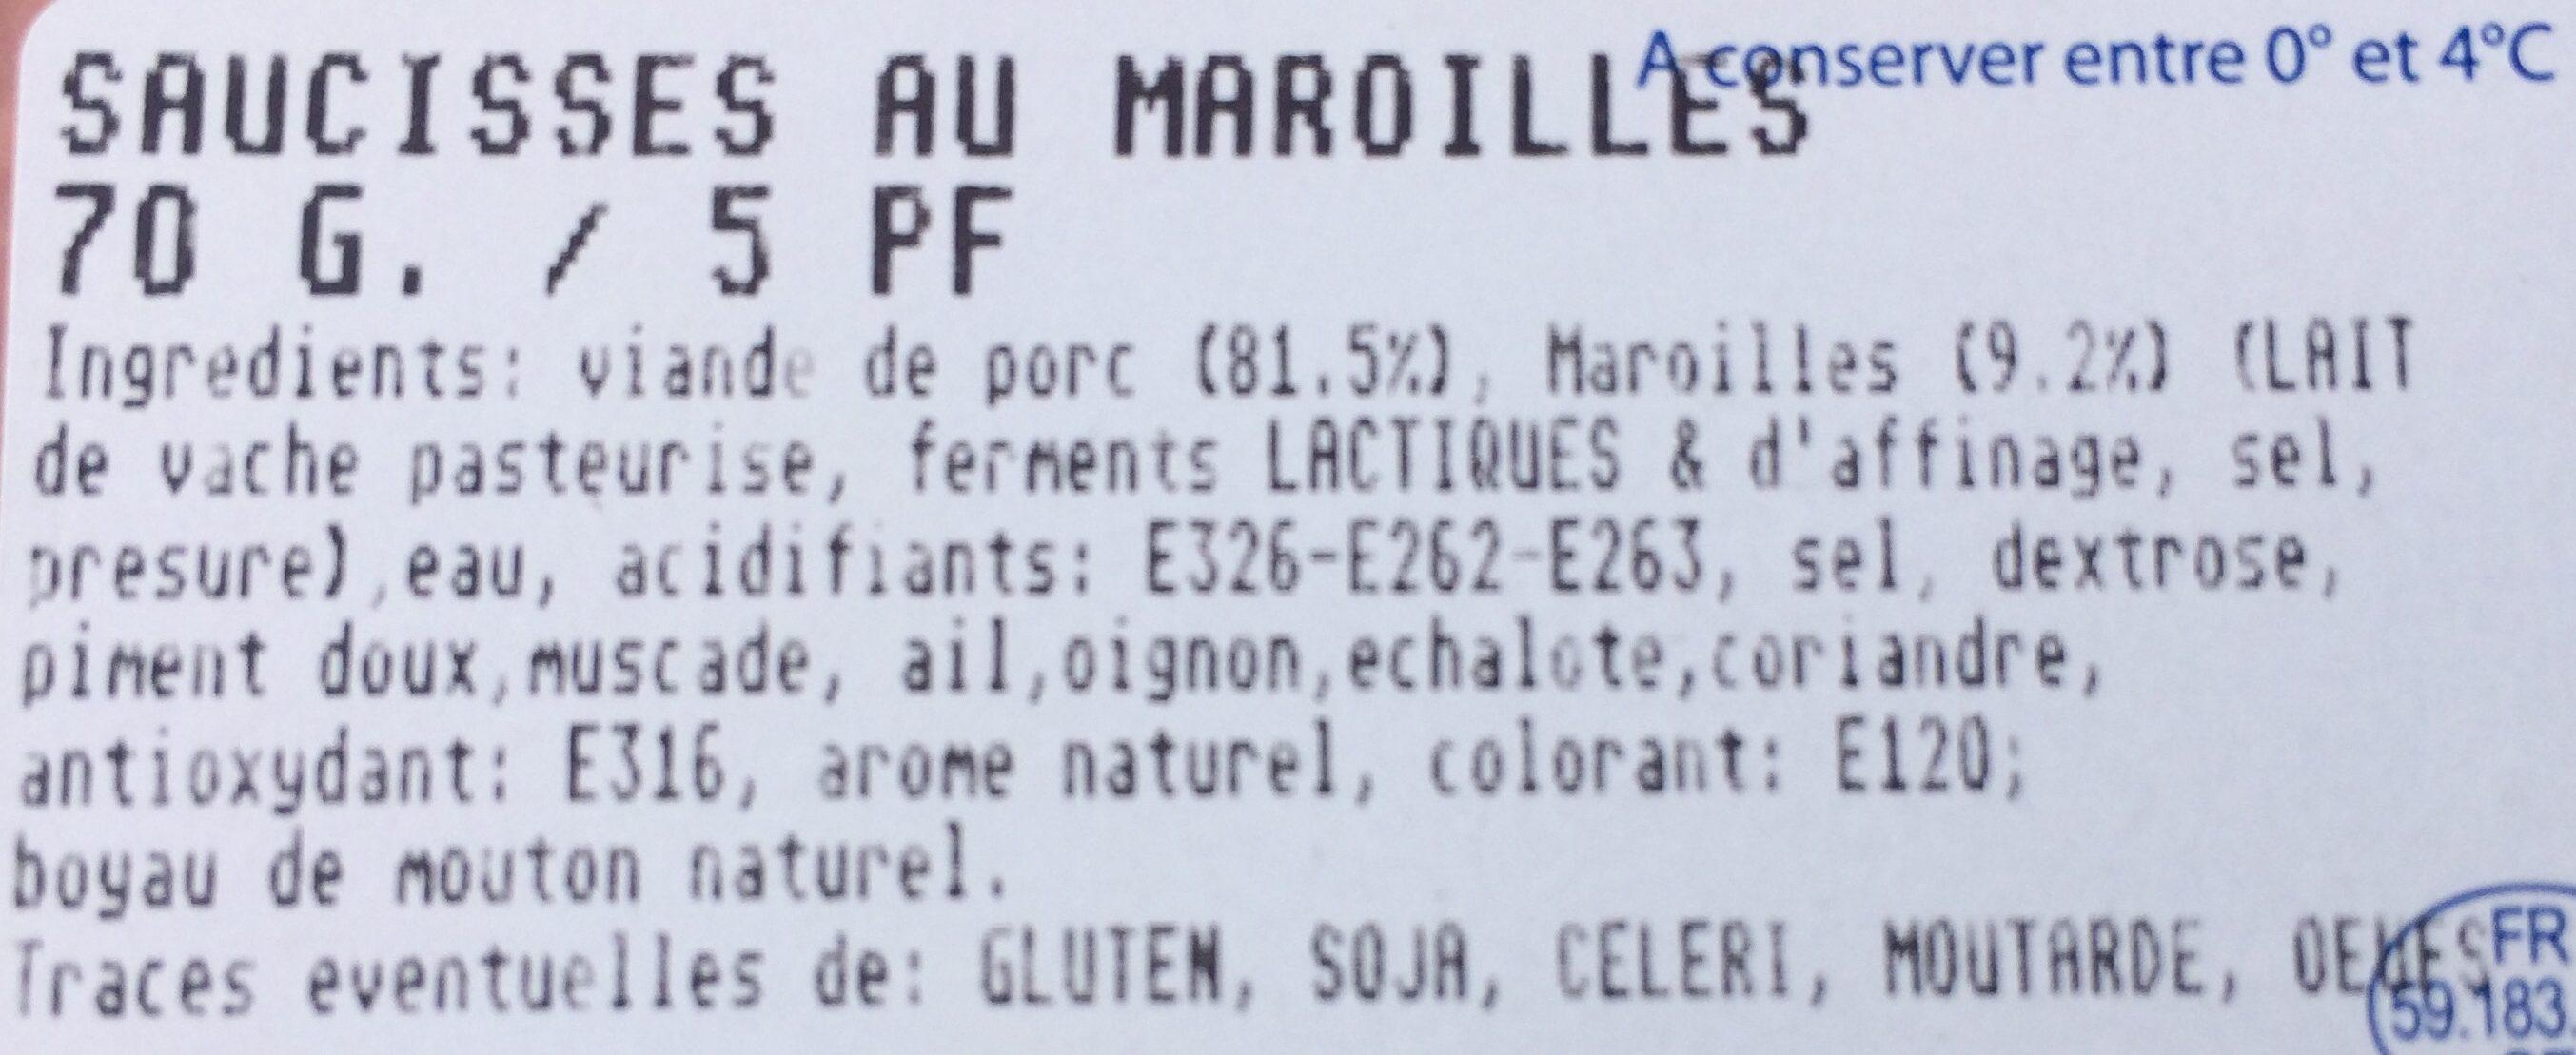 Charcuterie Flandres, Saucisses au maroilles, la barquette de 370 g - Ingrédients